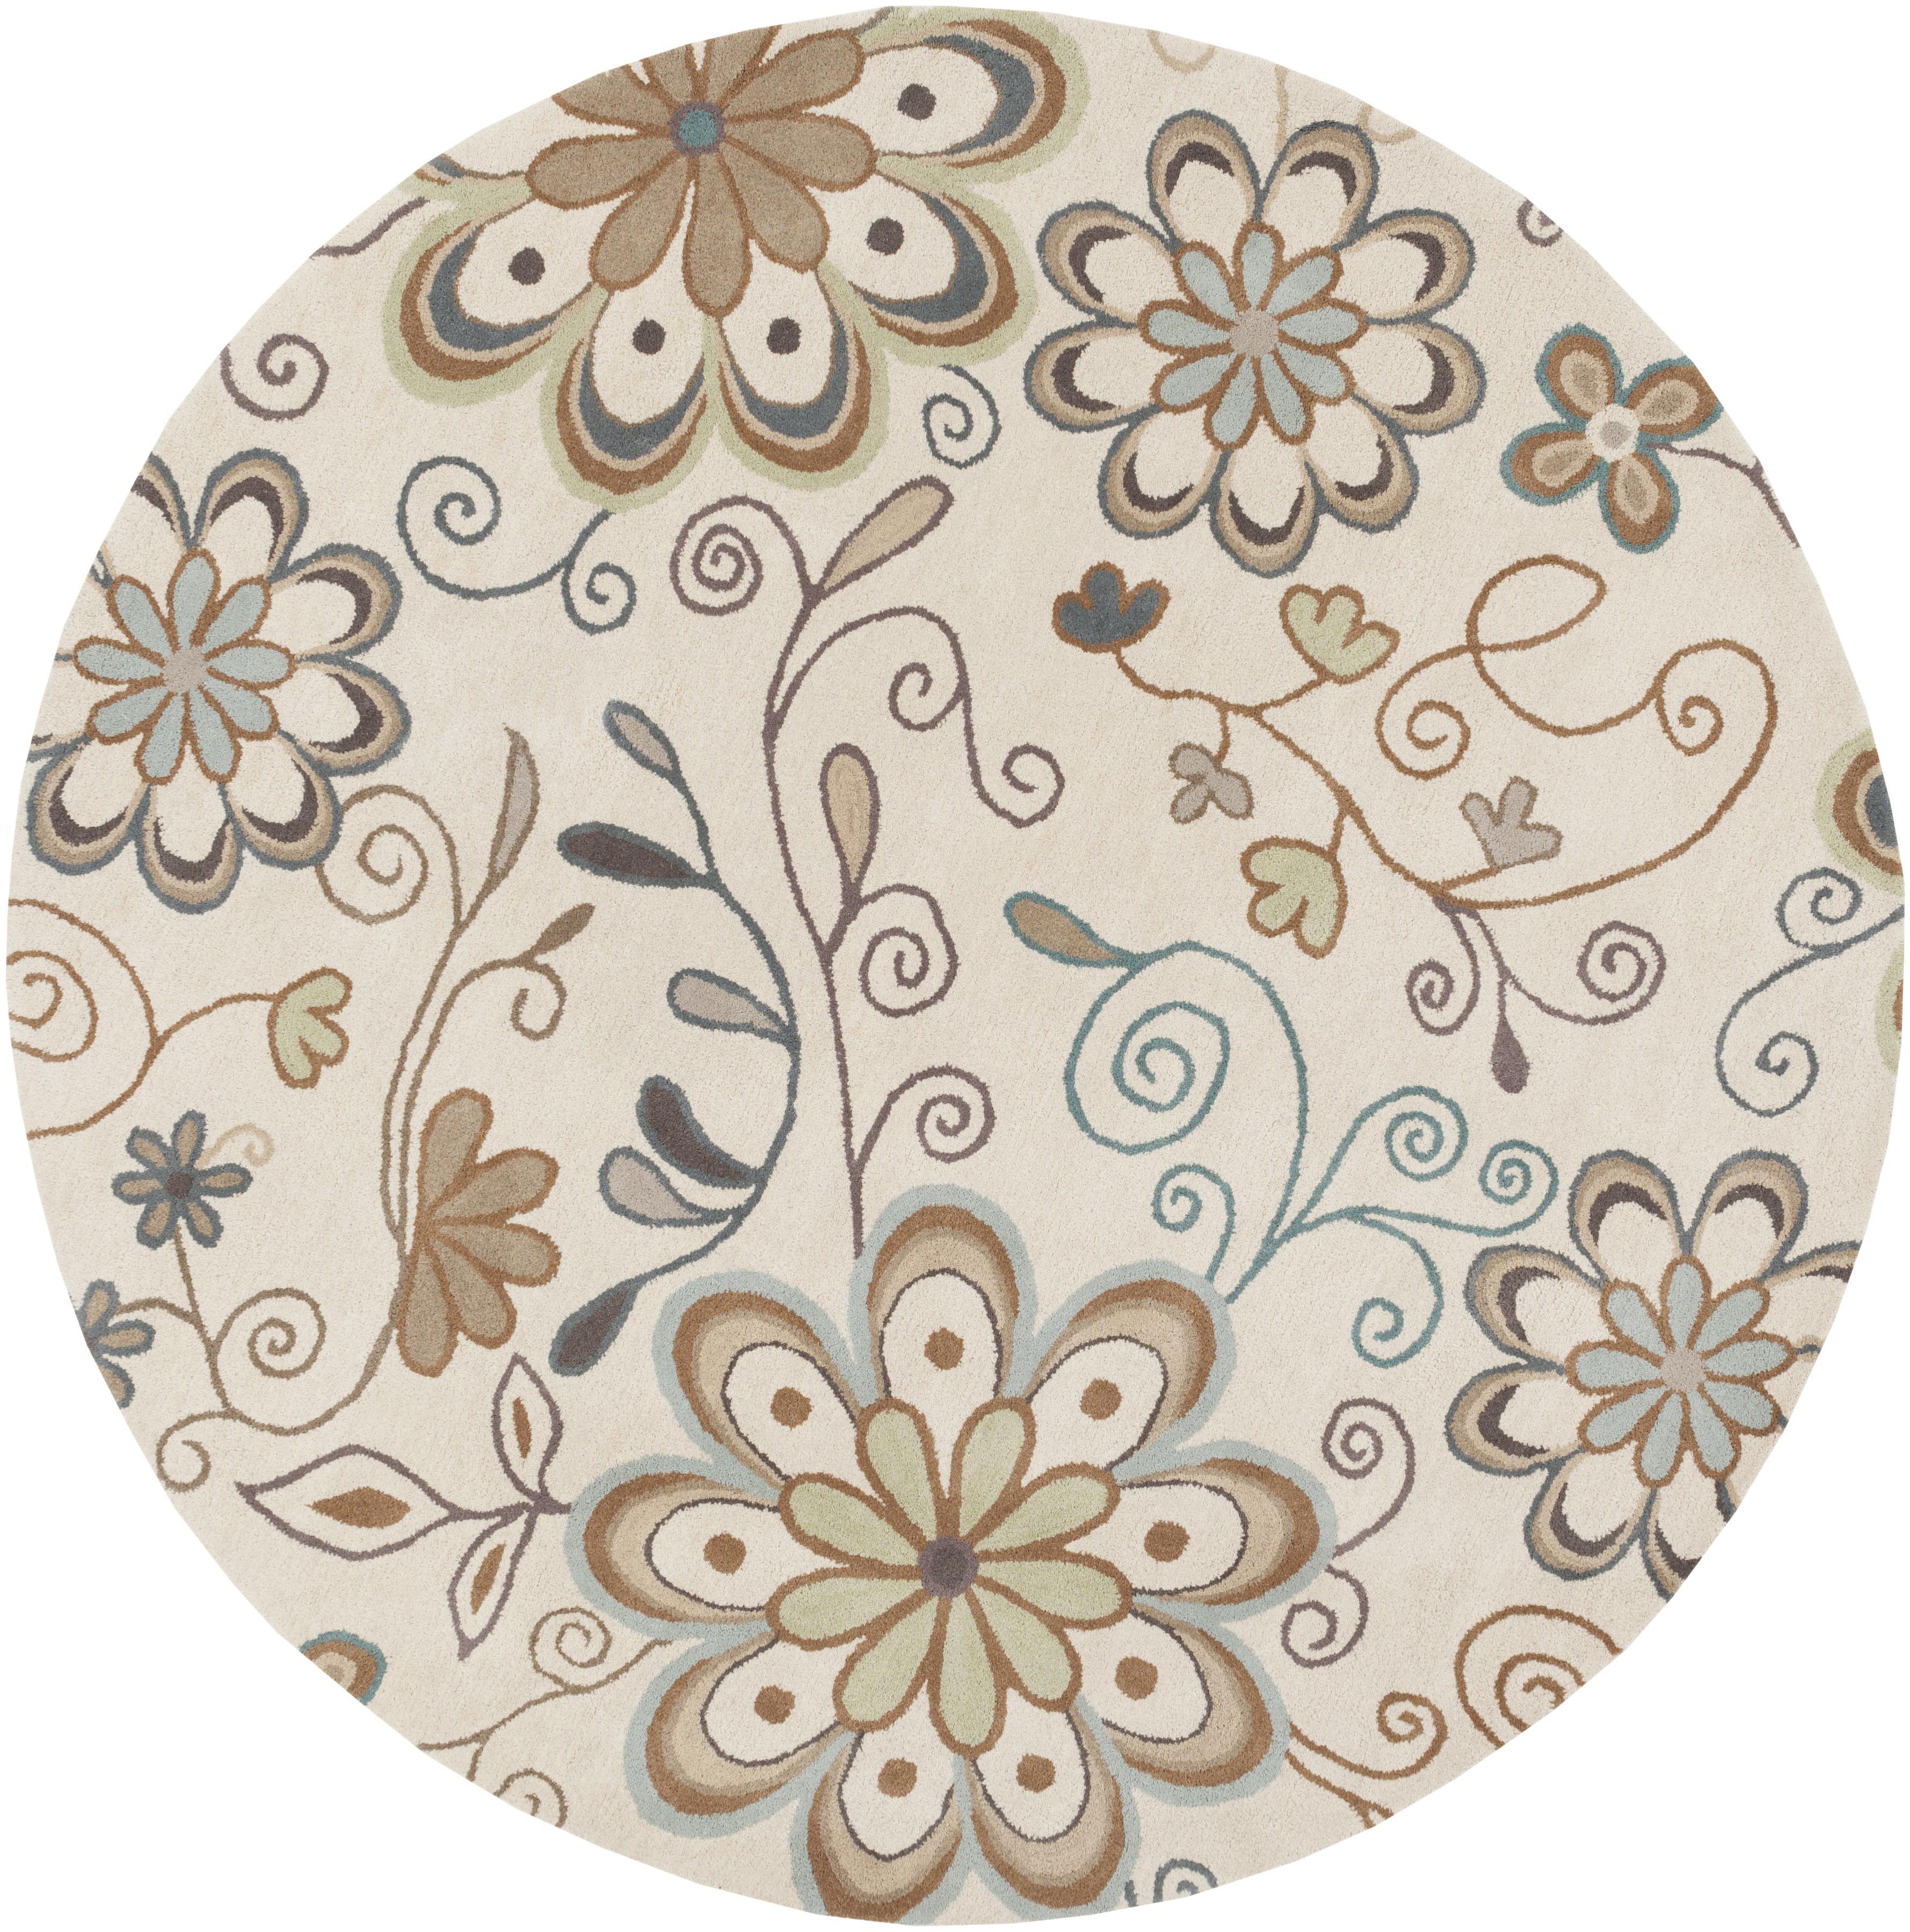 Surya Athena 8' Round - Item Number: ATH5123-8RD